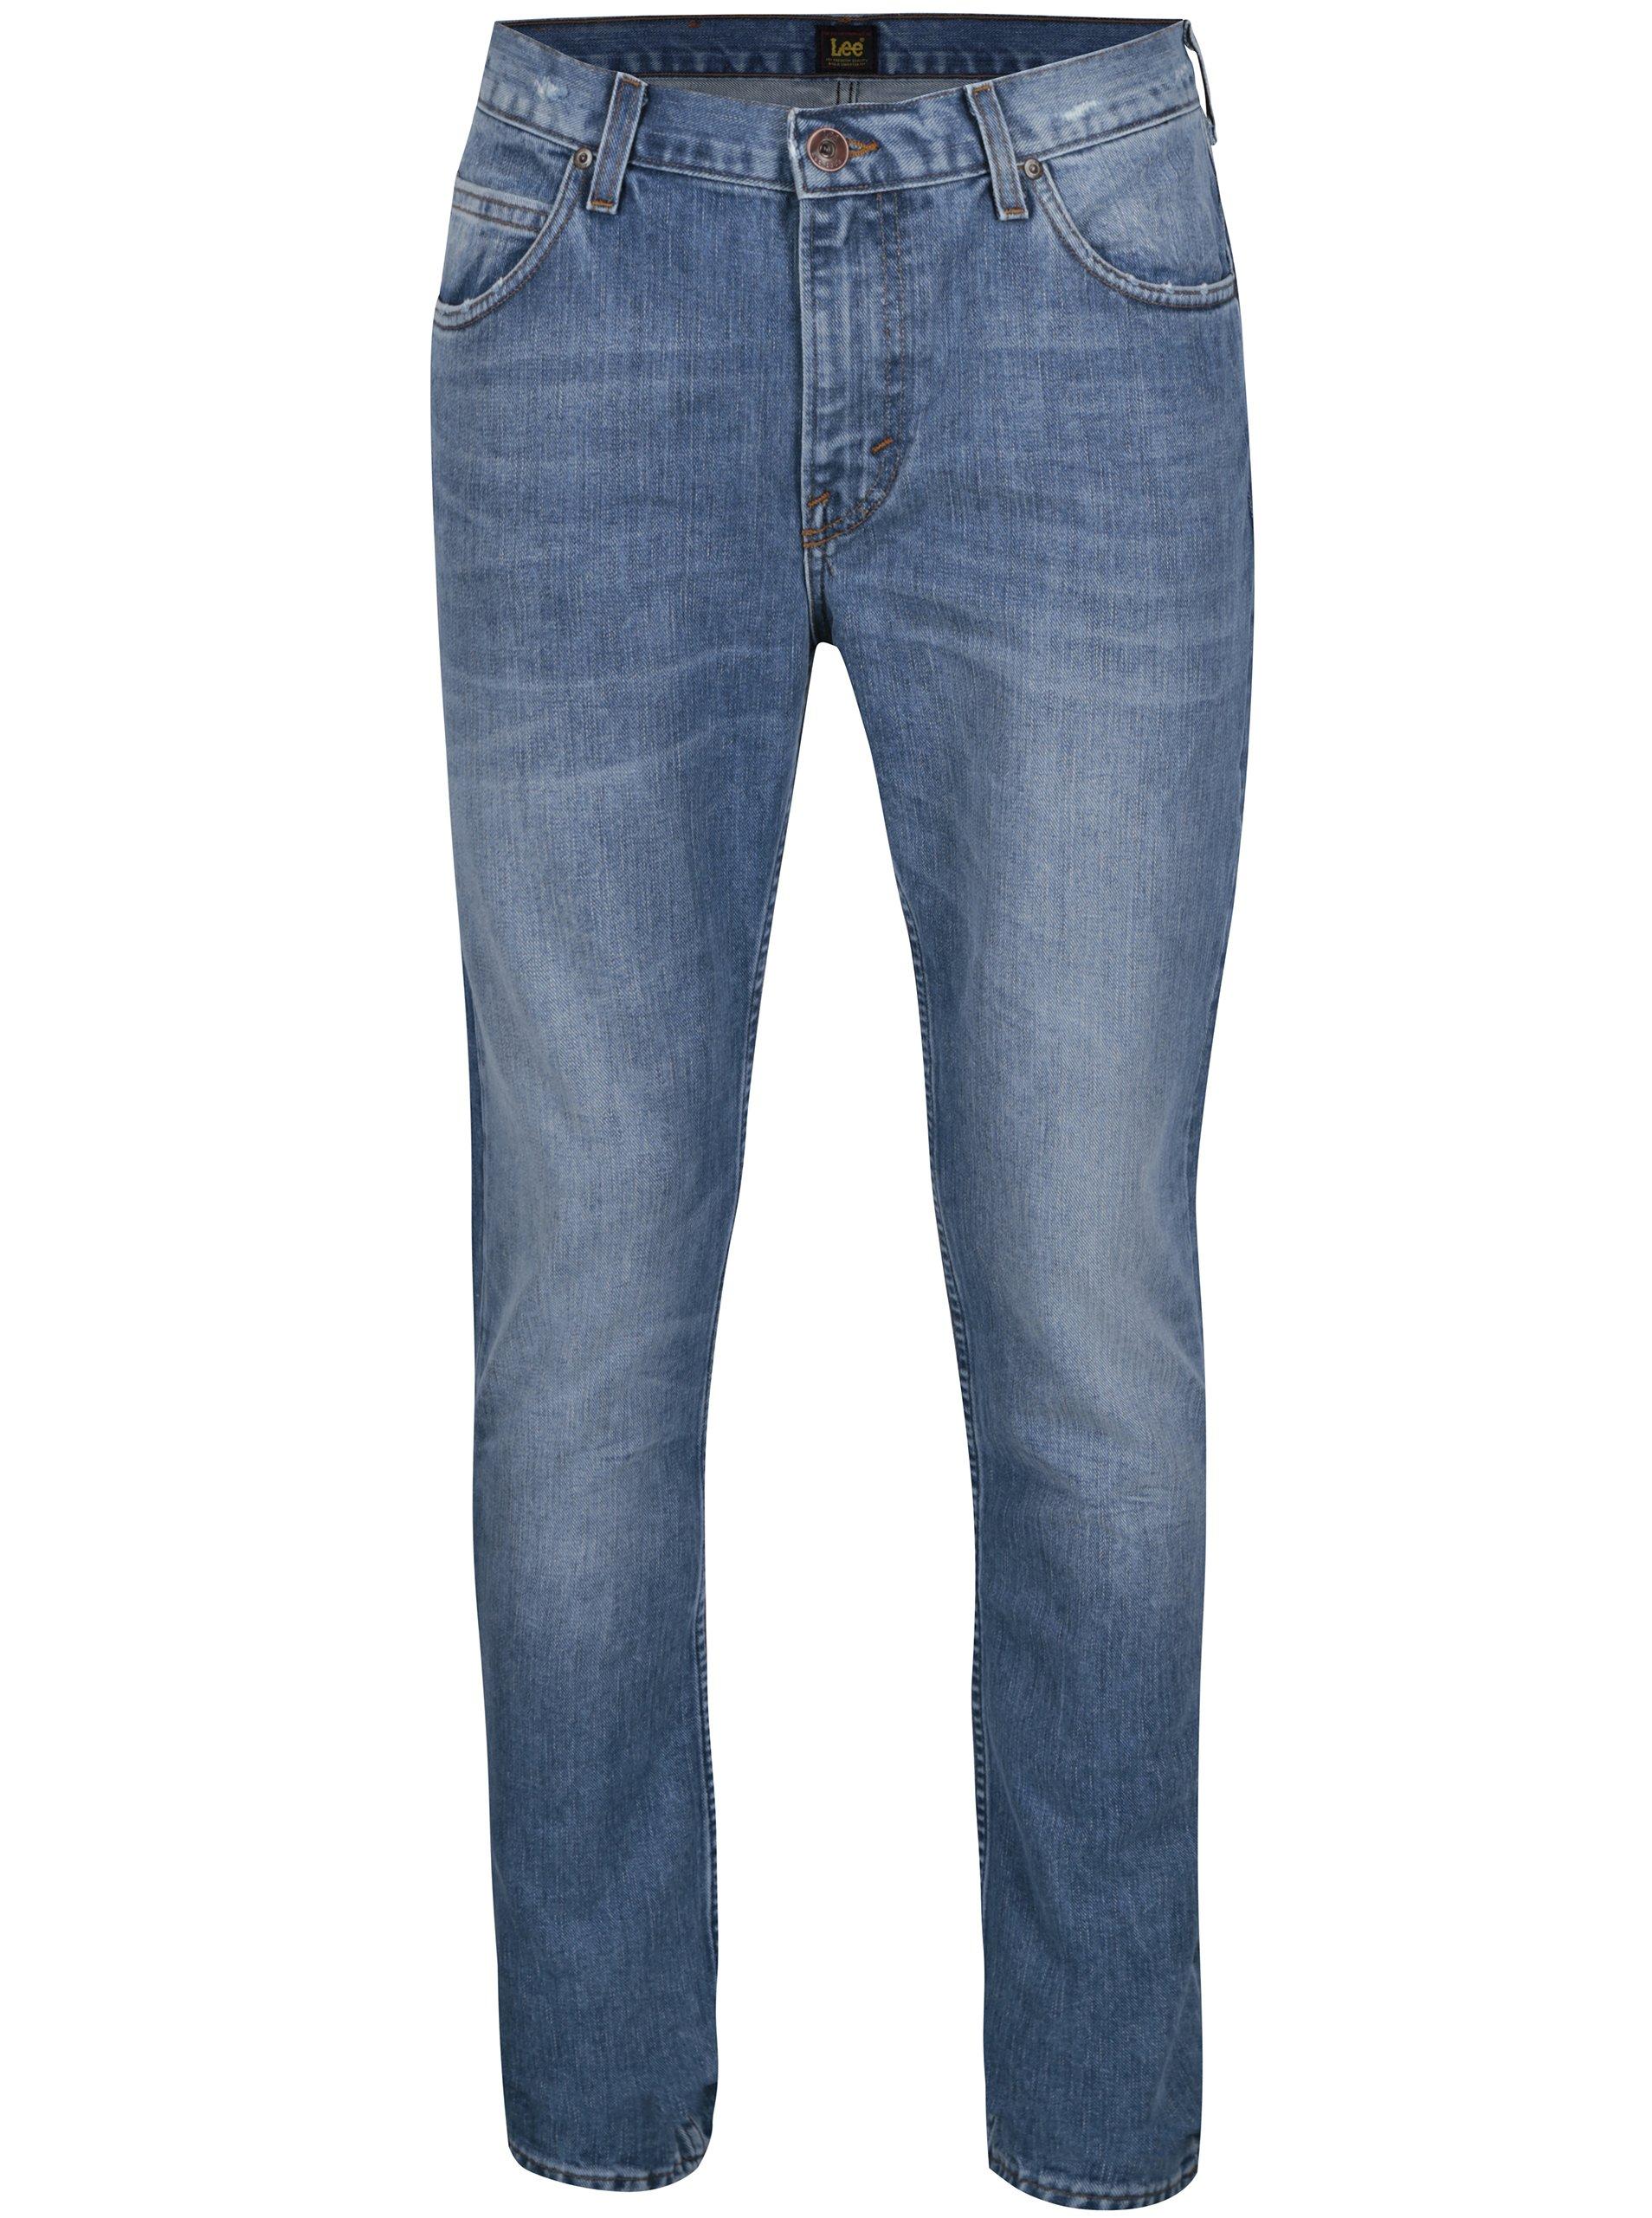 b32e81ec2a0 Modré pánské slim fit džíny s vyšisovaným efektem Lee